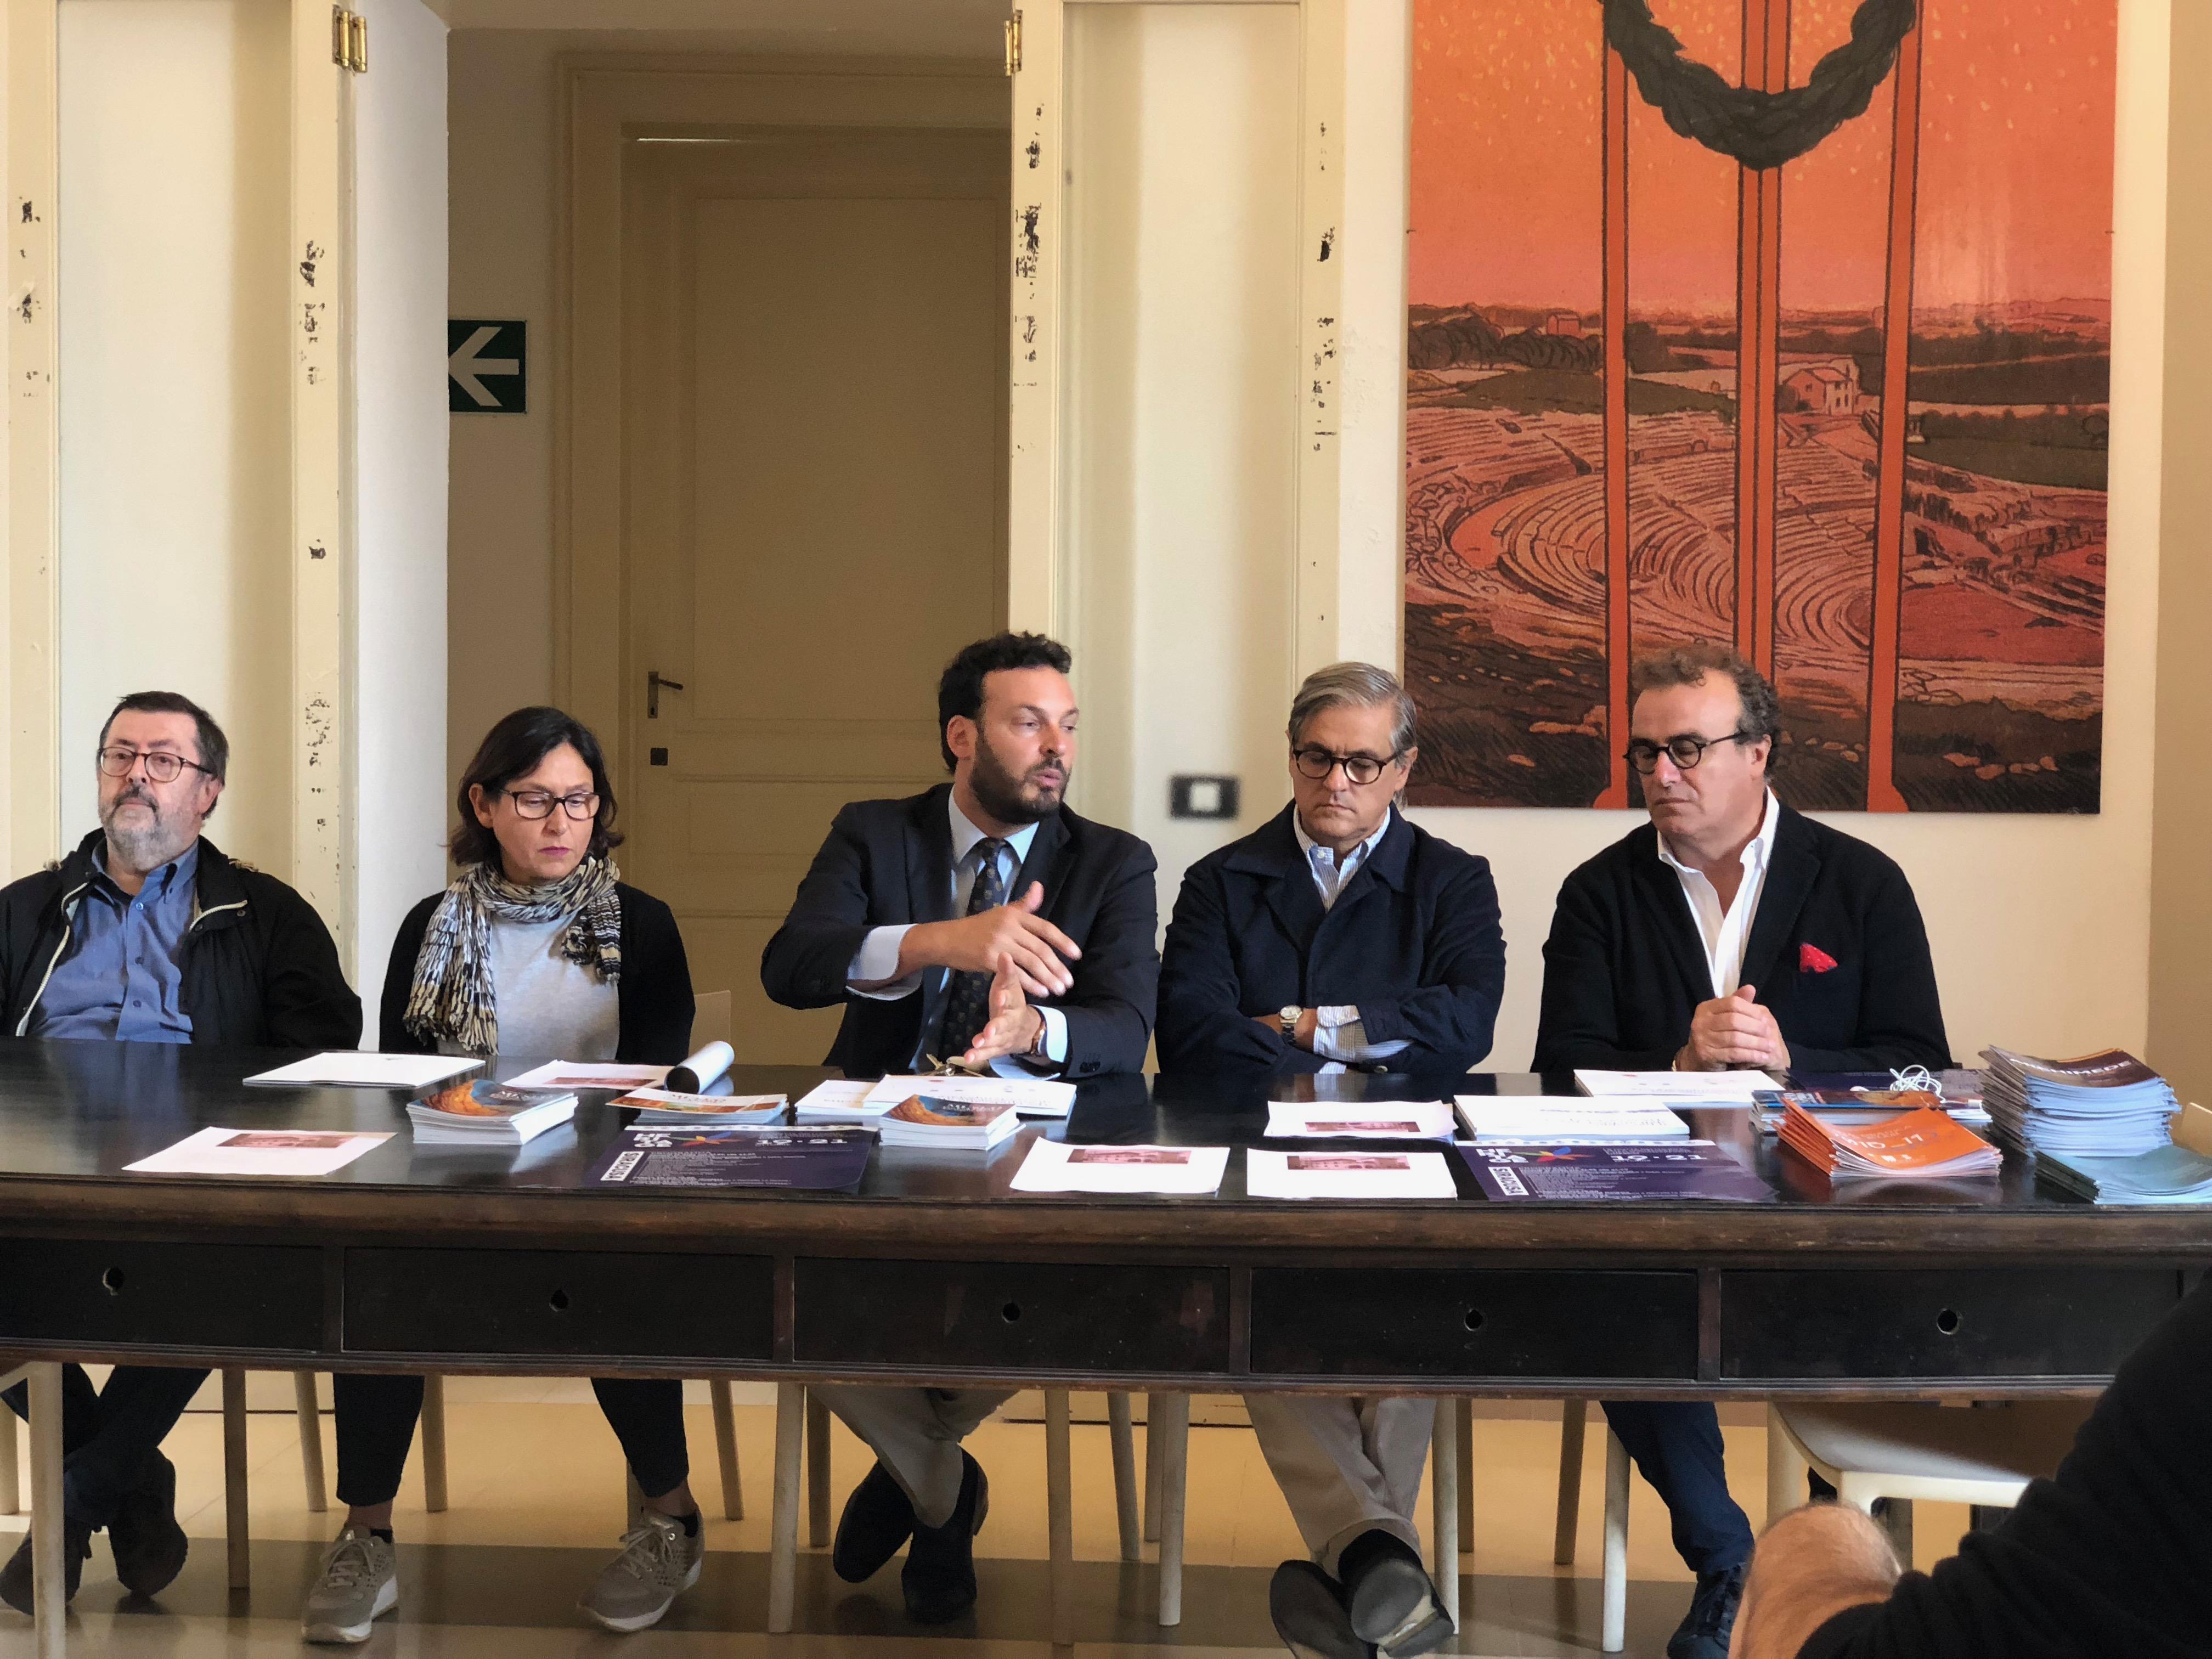 Unesco, visite guidate per tre giorni a Siracusa: si inizia venerdì